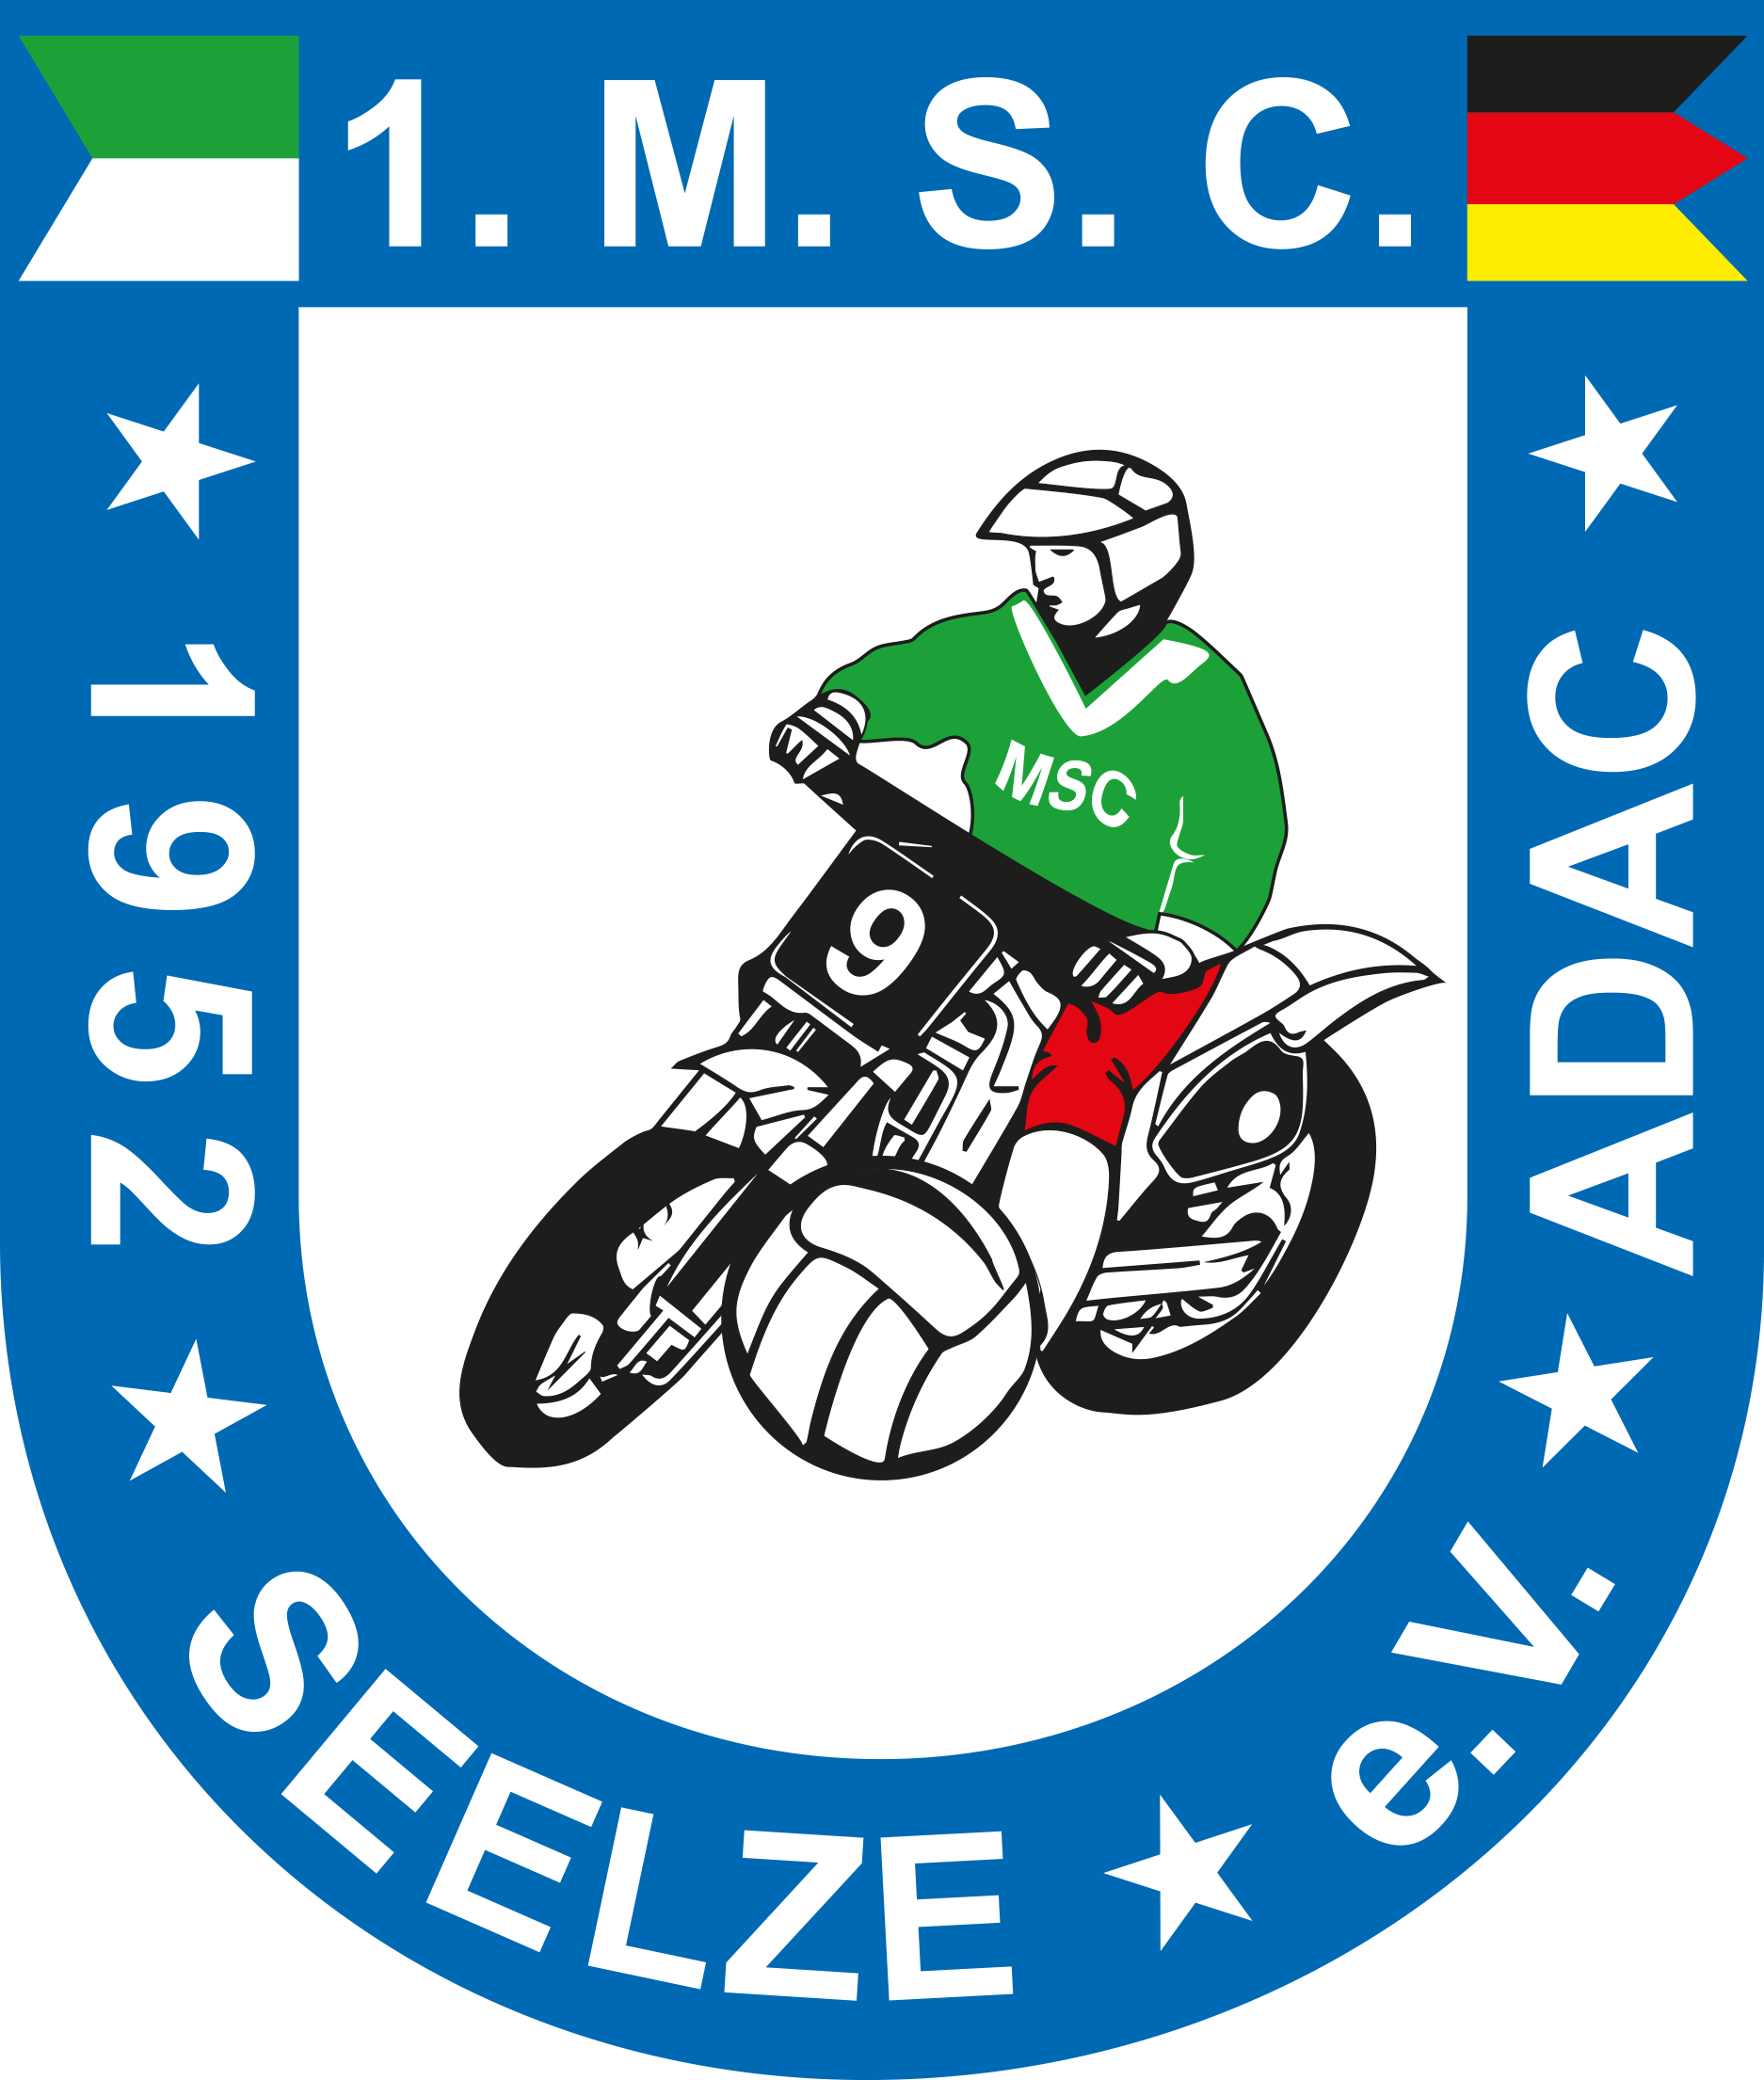 1. MSC Seelze e.V. im ADAC